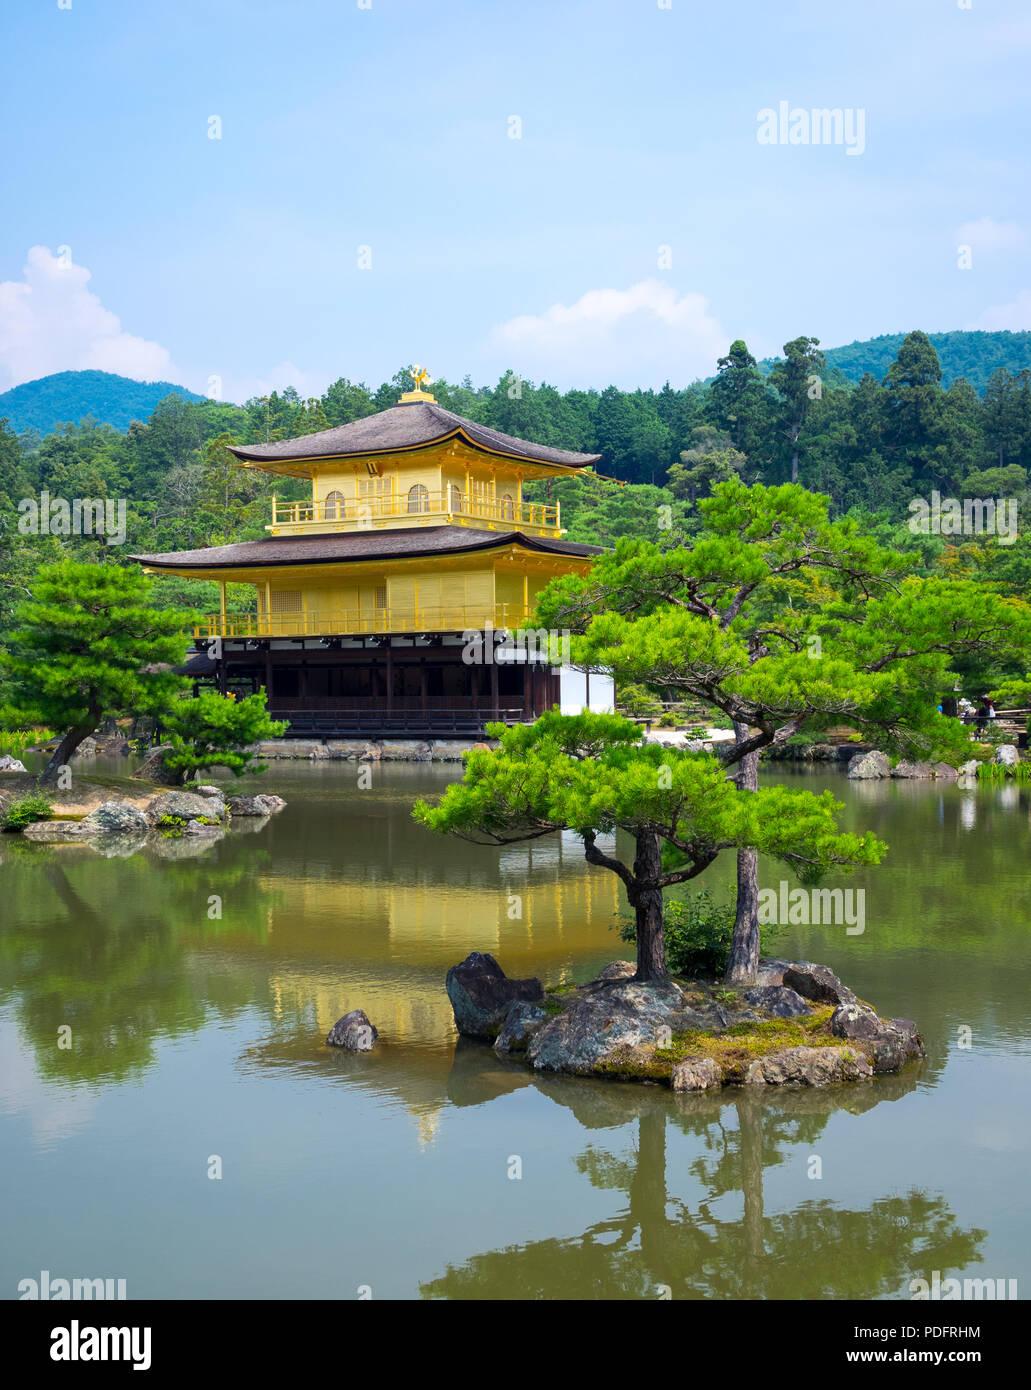 Le Kinkaku-ji (également connu sous le nom de Kinkakuji ou Rokuon-ji), le Temple du pavillon d'or, célèbre temple bouddhiste Zen est situé à Kyoto, au Japon. Photo Stock